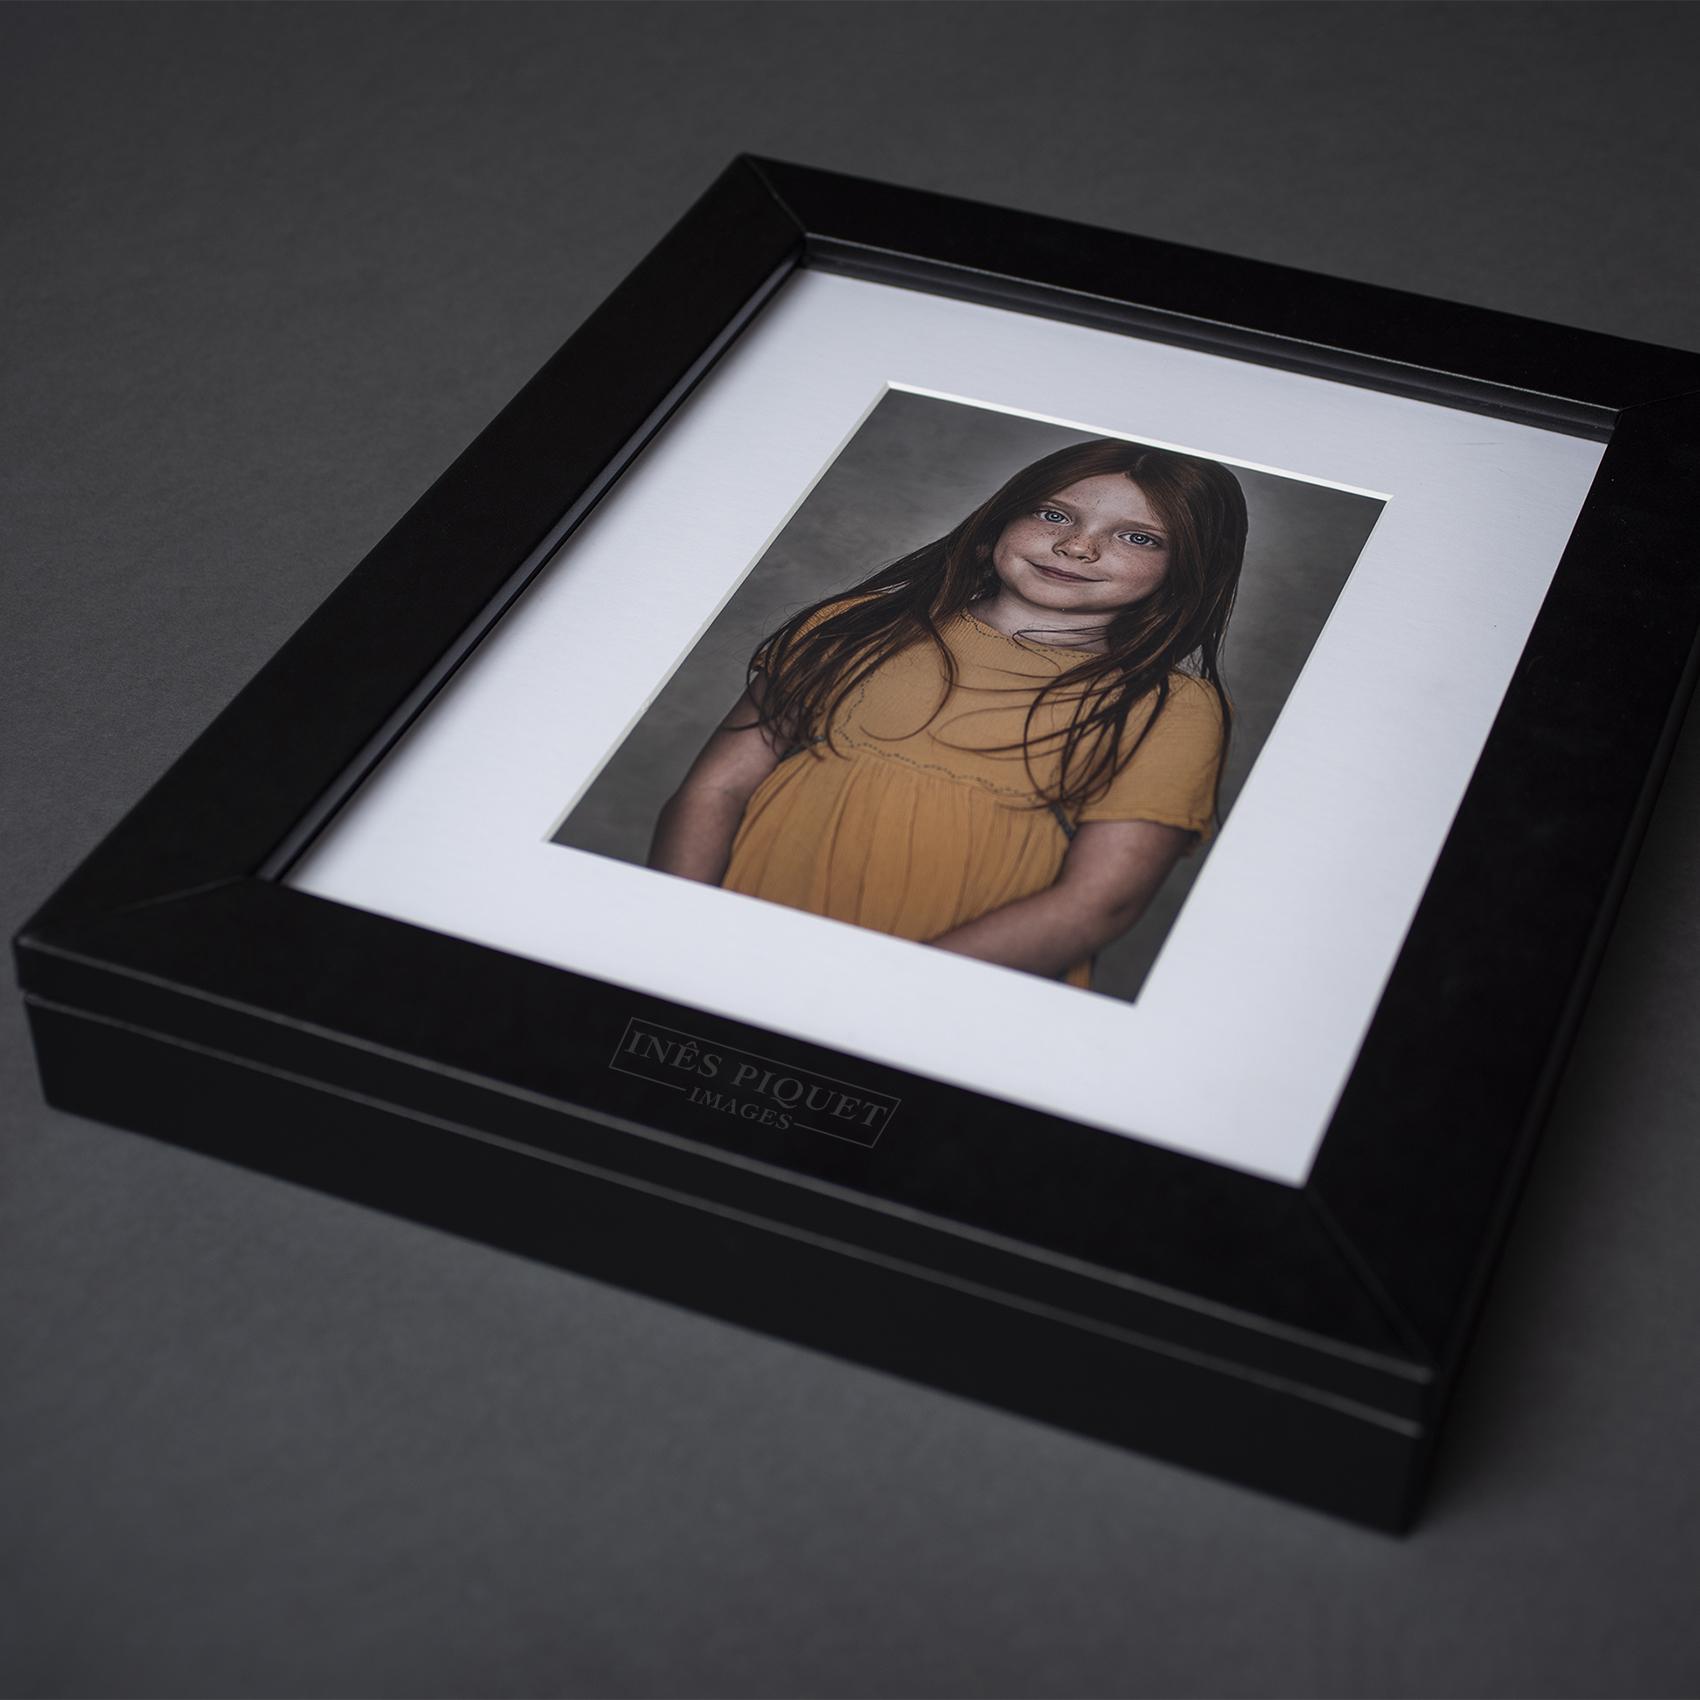 Ines Piquet Images Folio Collection